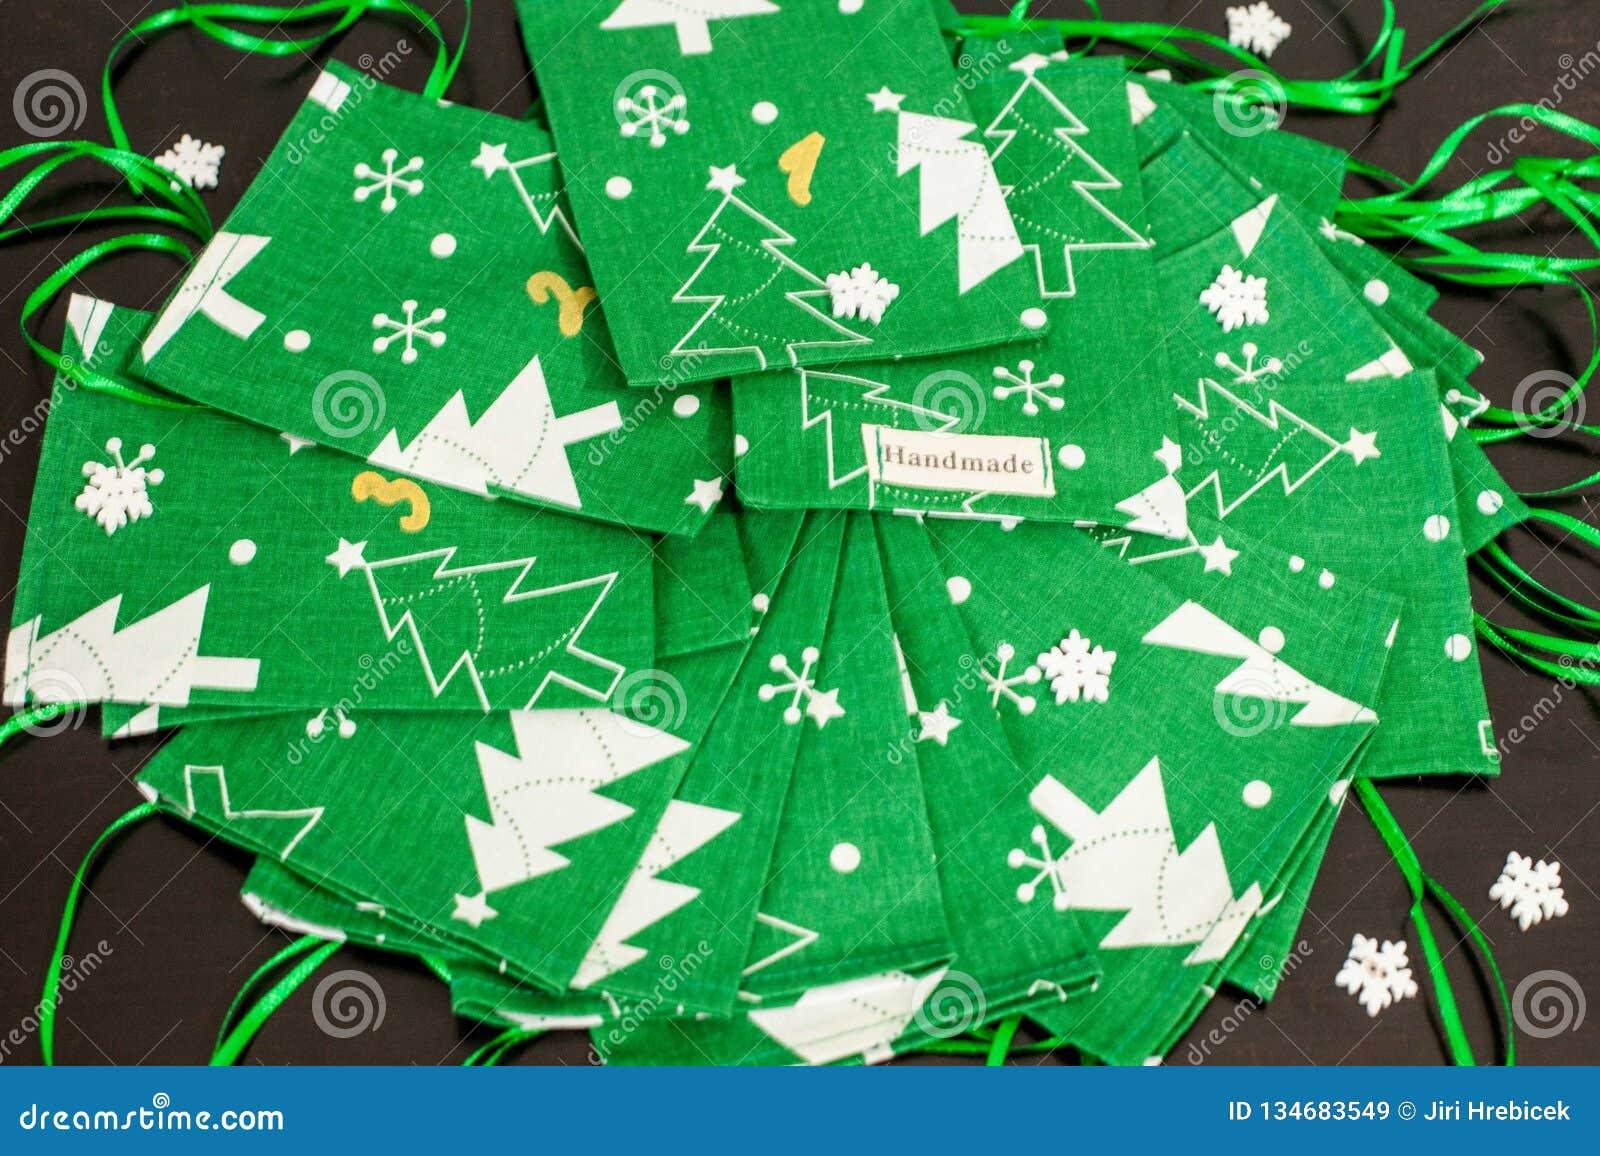 Il calendario fatto a mano di arrivo di Natale per i bambini, arrivo verde ha numerato i sacchi pronti ad essere riempitoe con i